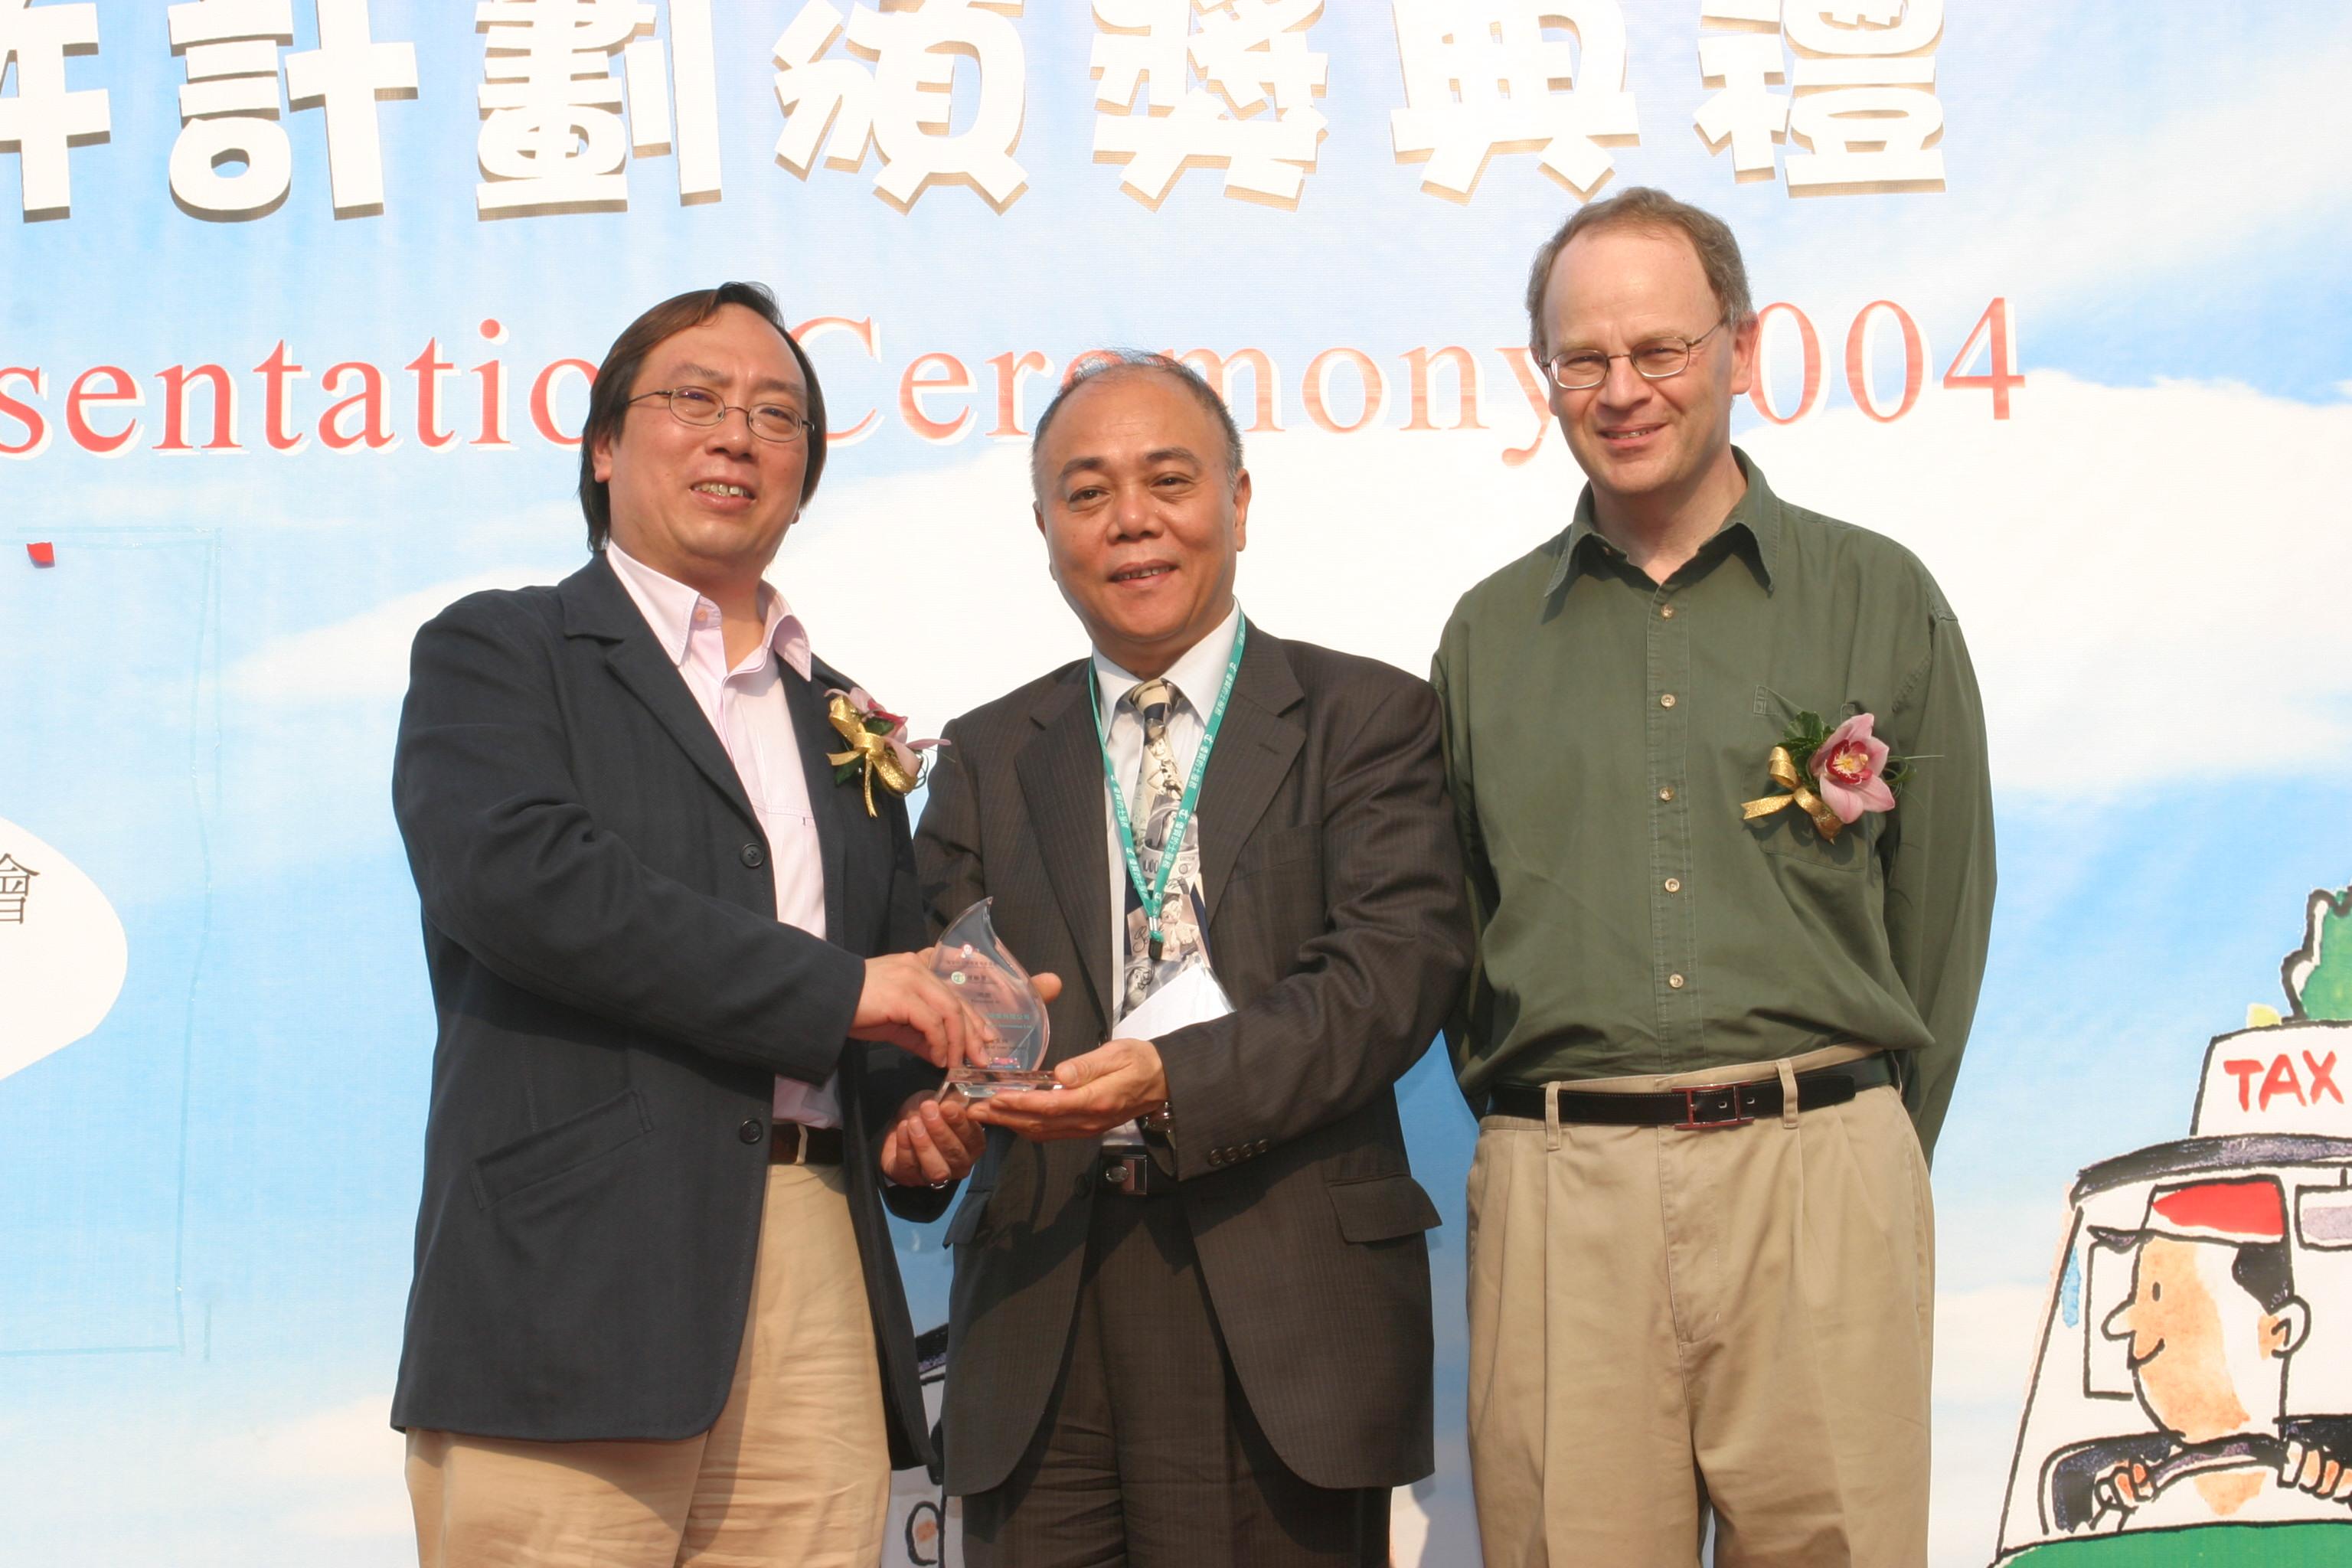 2004年的士司機嘉許計劃頒獎典禮照片